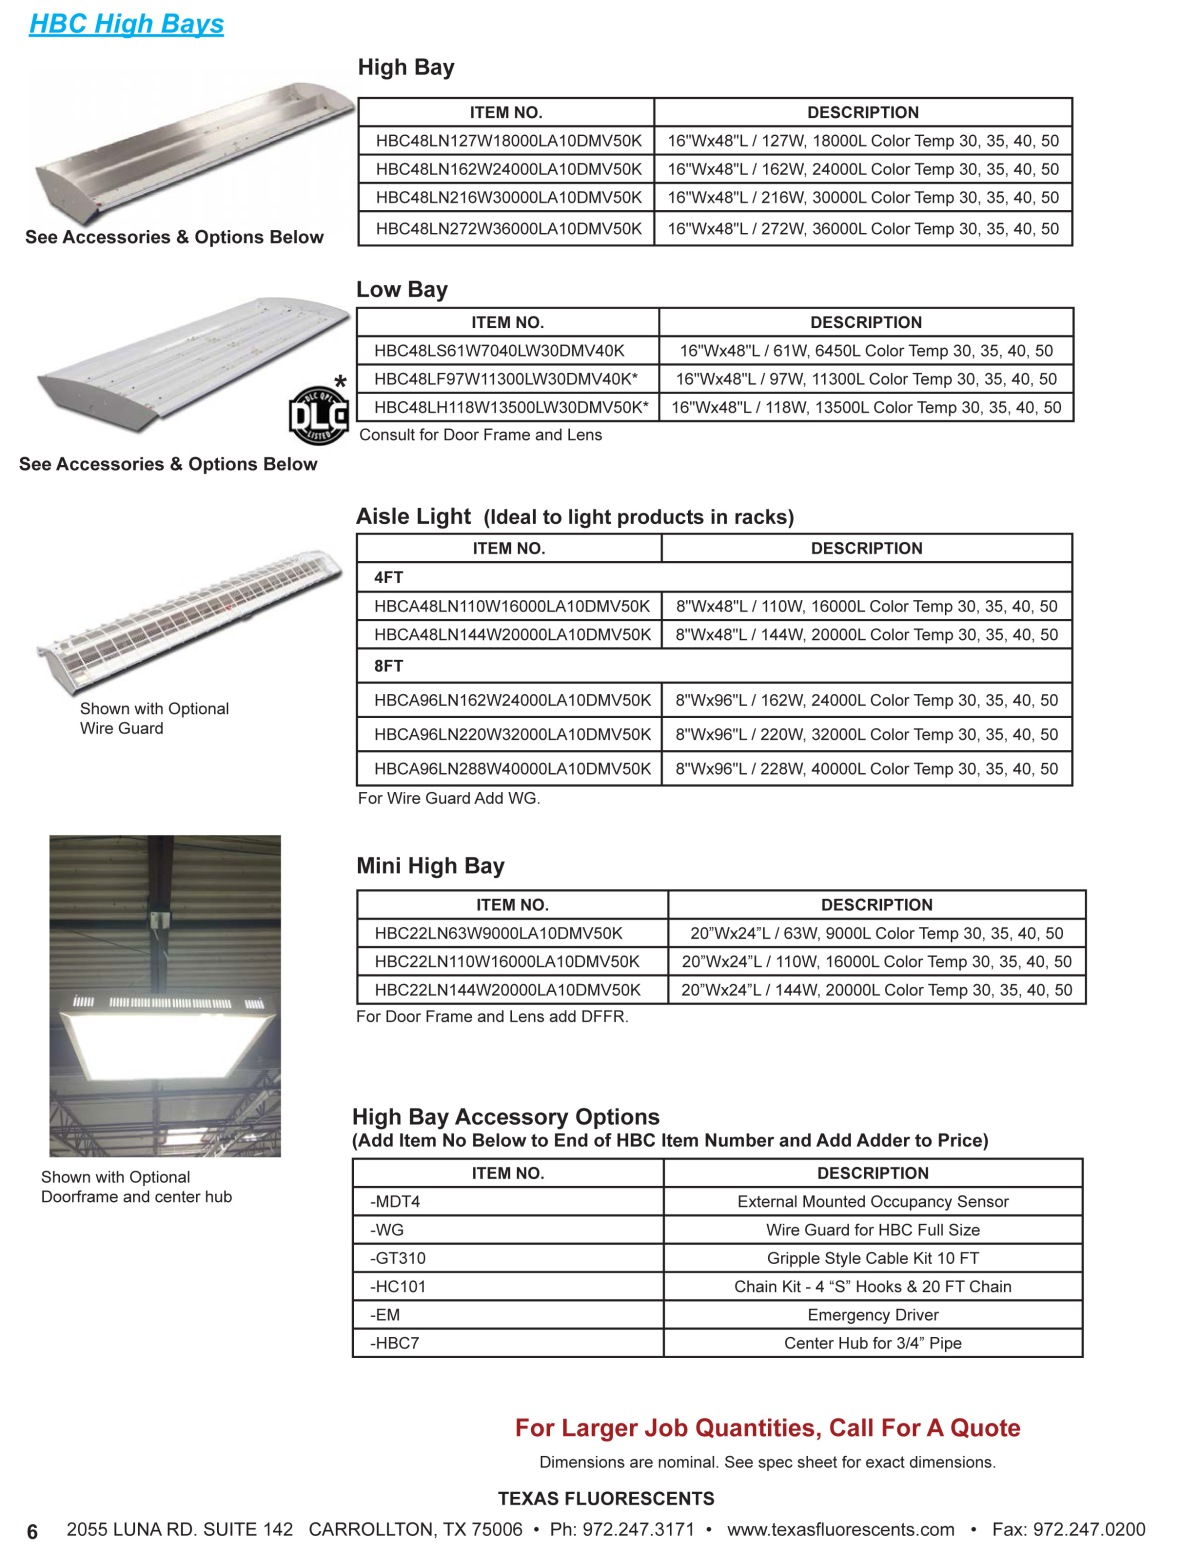 TXFL PRACTICAL LED UP 6 Manufacturer Representatives